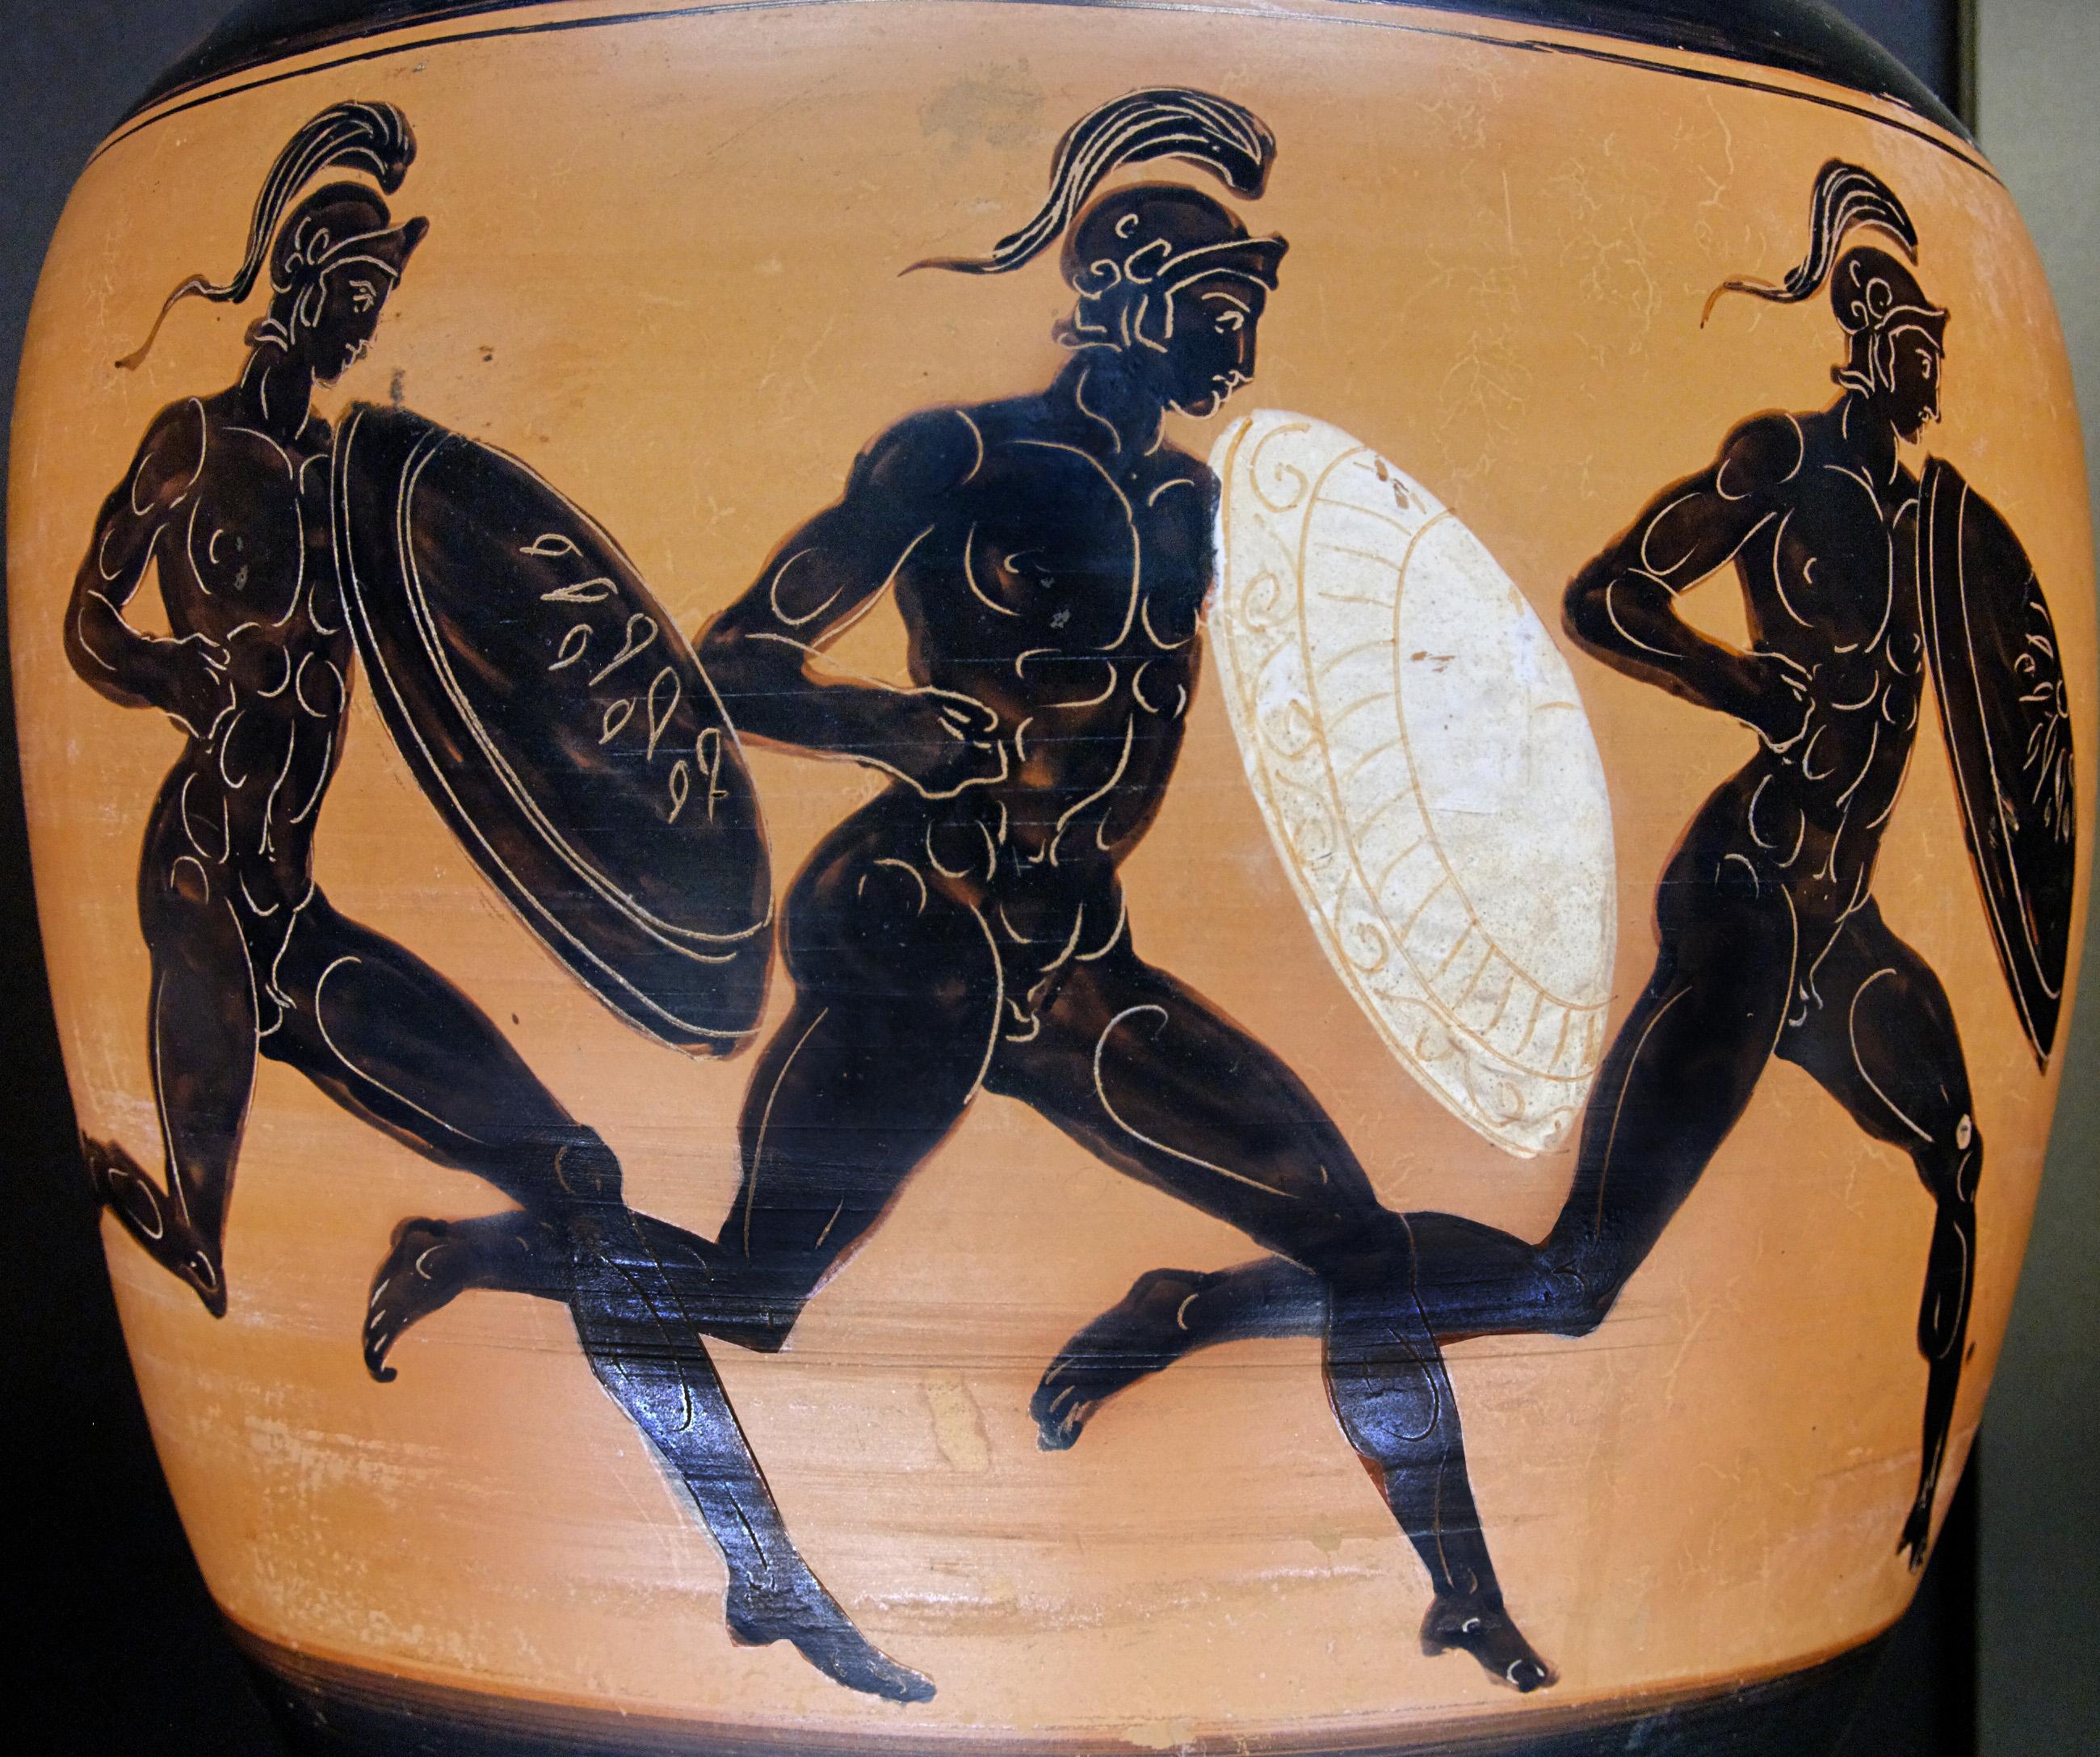 греческий атлет картинка столы, сломанные стулья